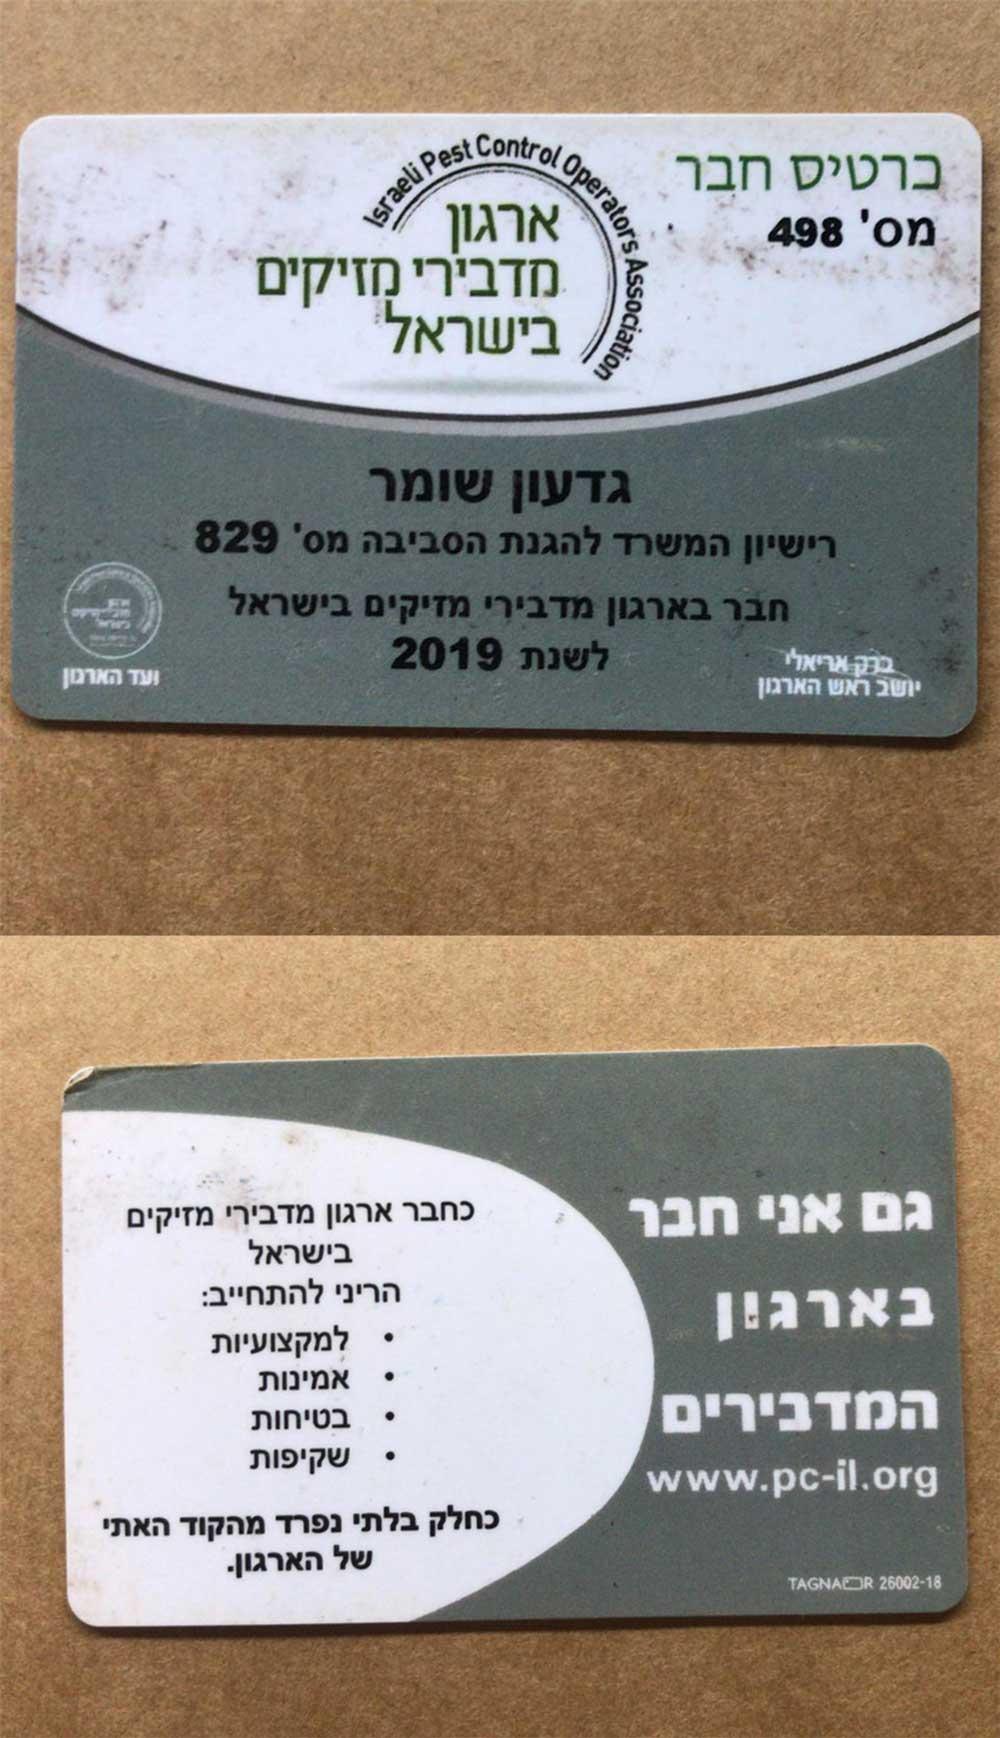 ארגון מדבירי מזיקים בישראל - המשרד להגנת הסביבה